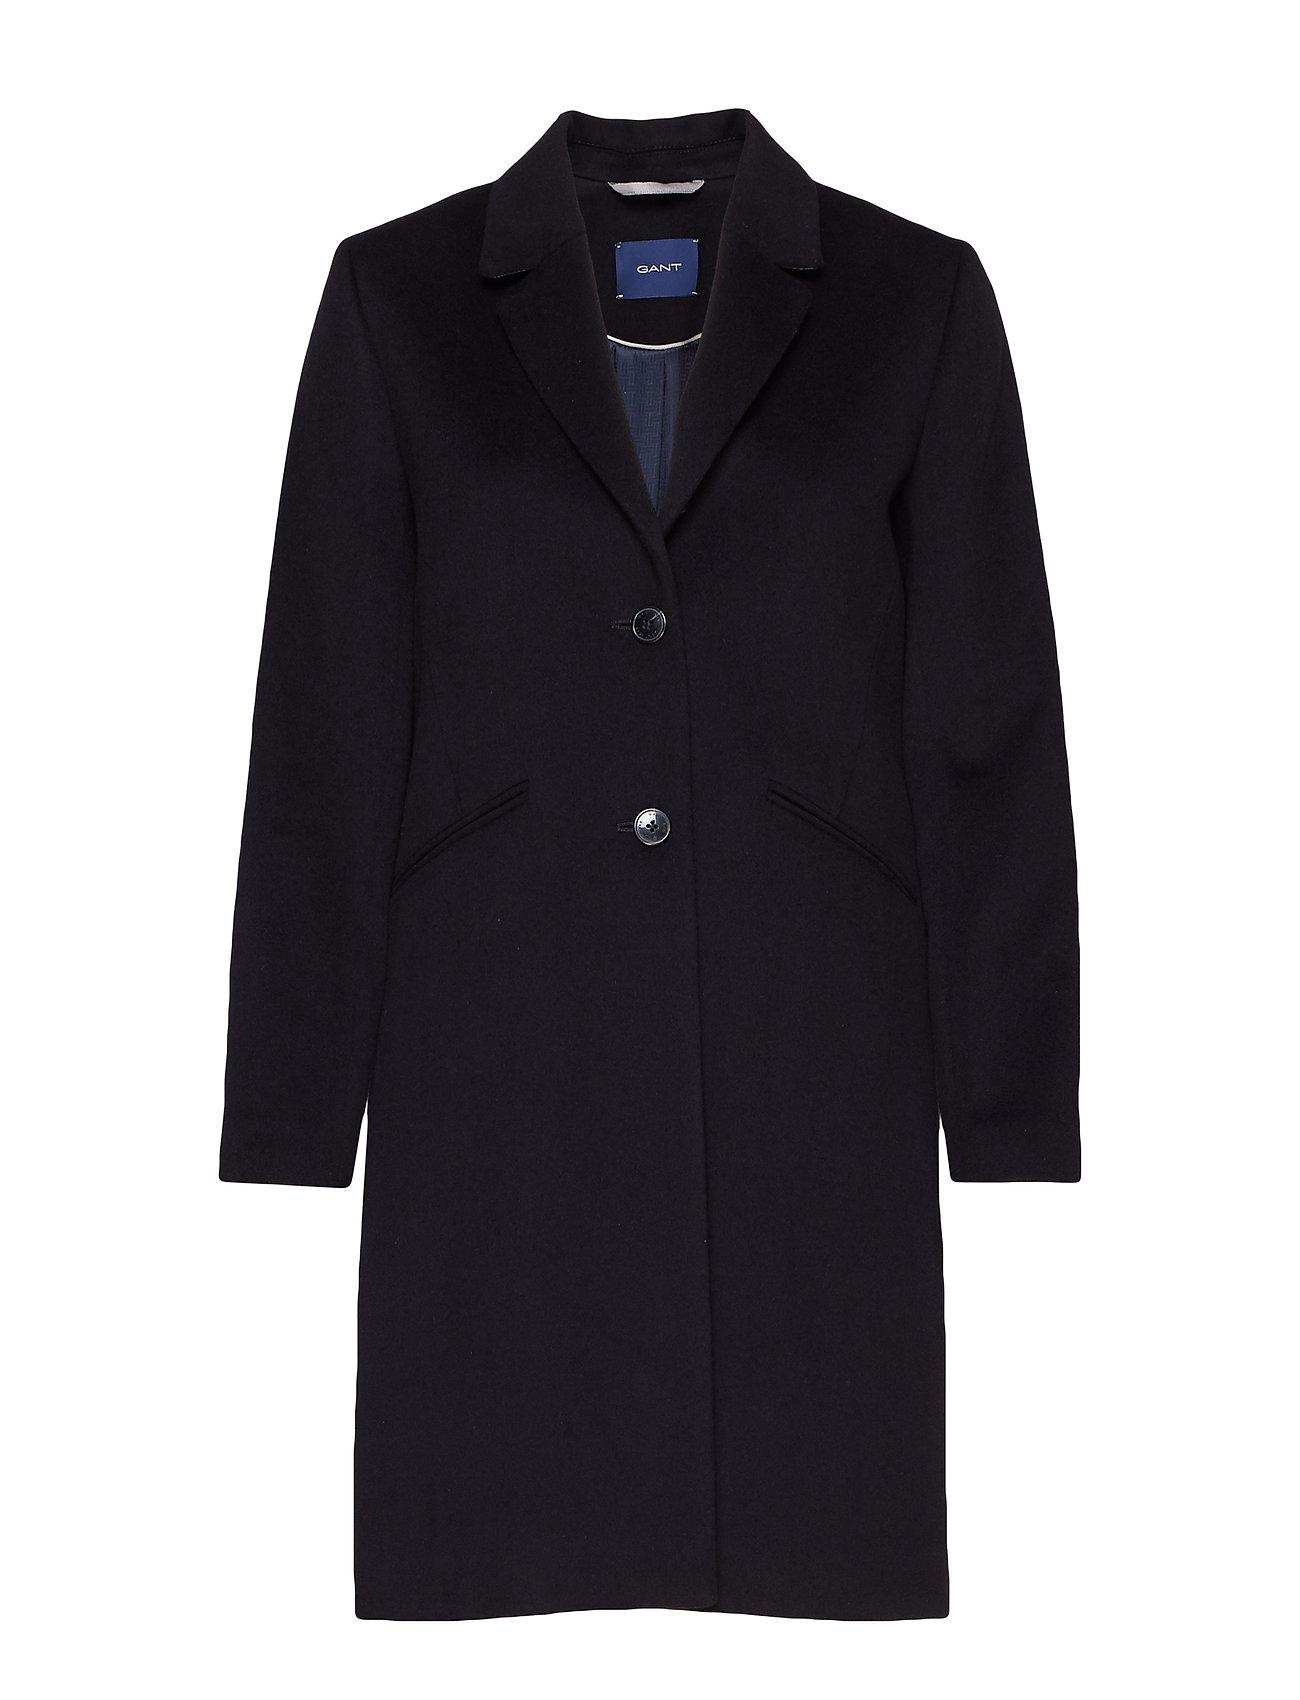 Gant D1. CLASSIC  TAILORED COAT - BLACK